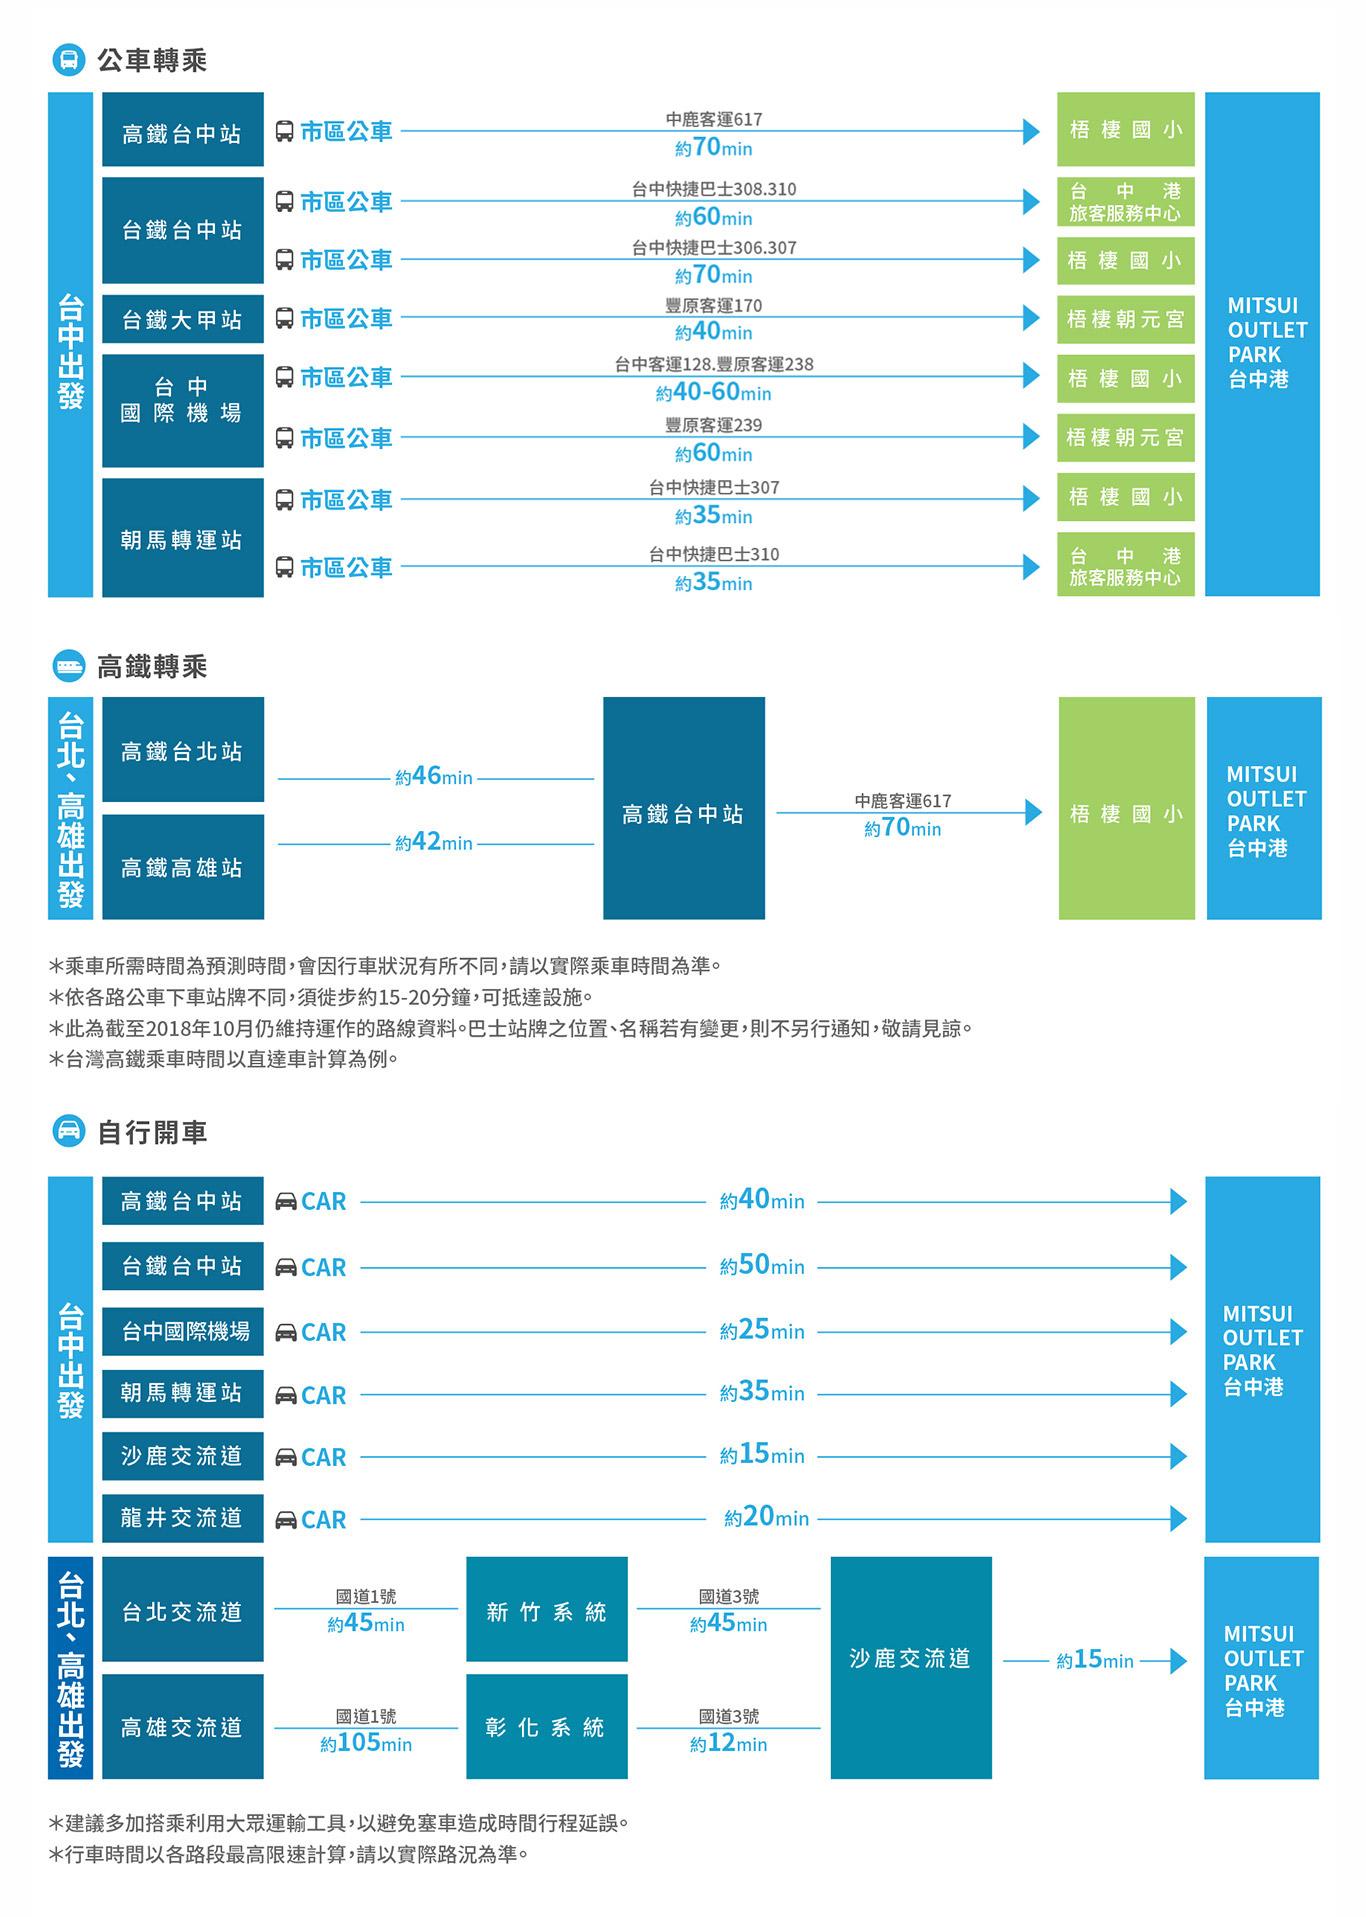 20181129000543 65 - 三井OUTLET PARK台中港今天試營運搶先看,全台灣首座海港型OUTLET